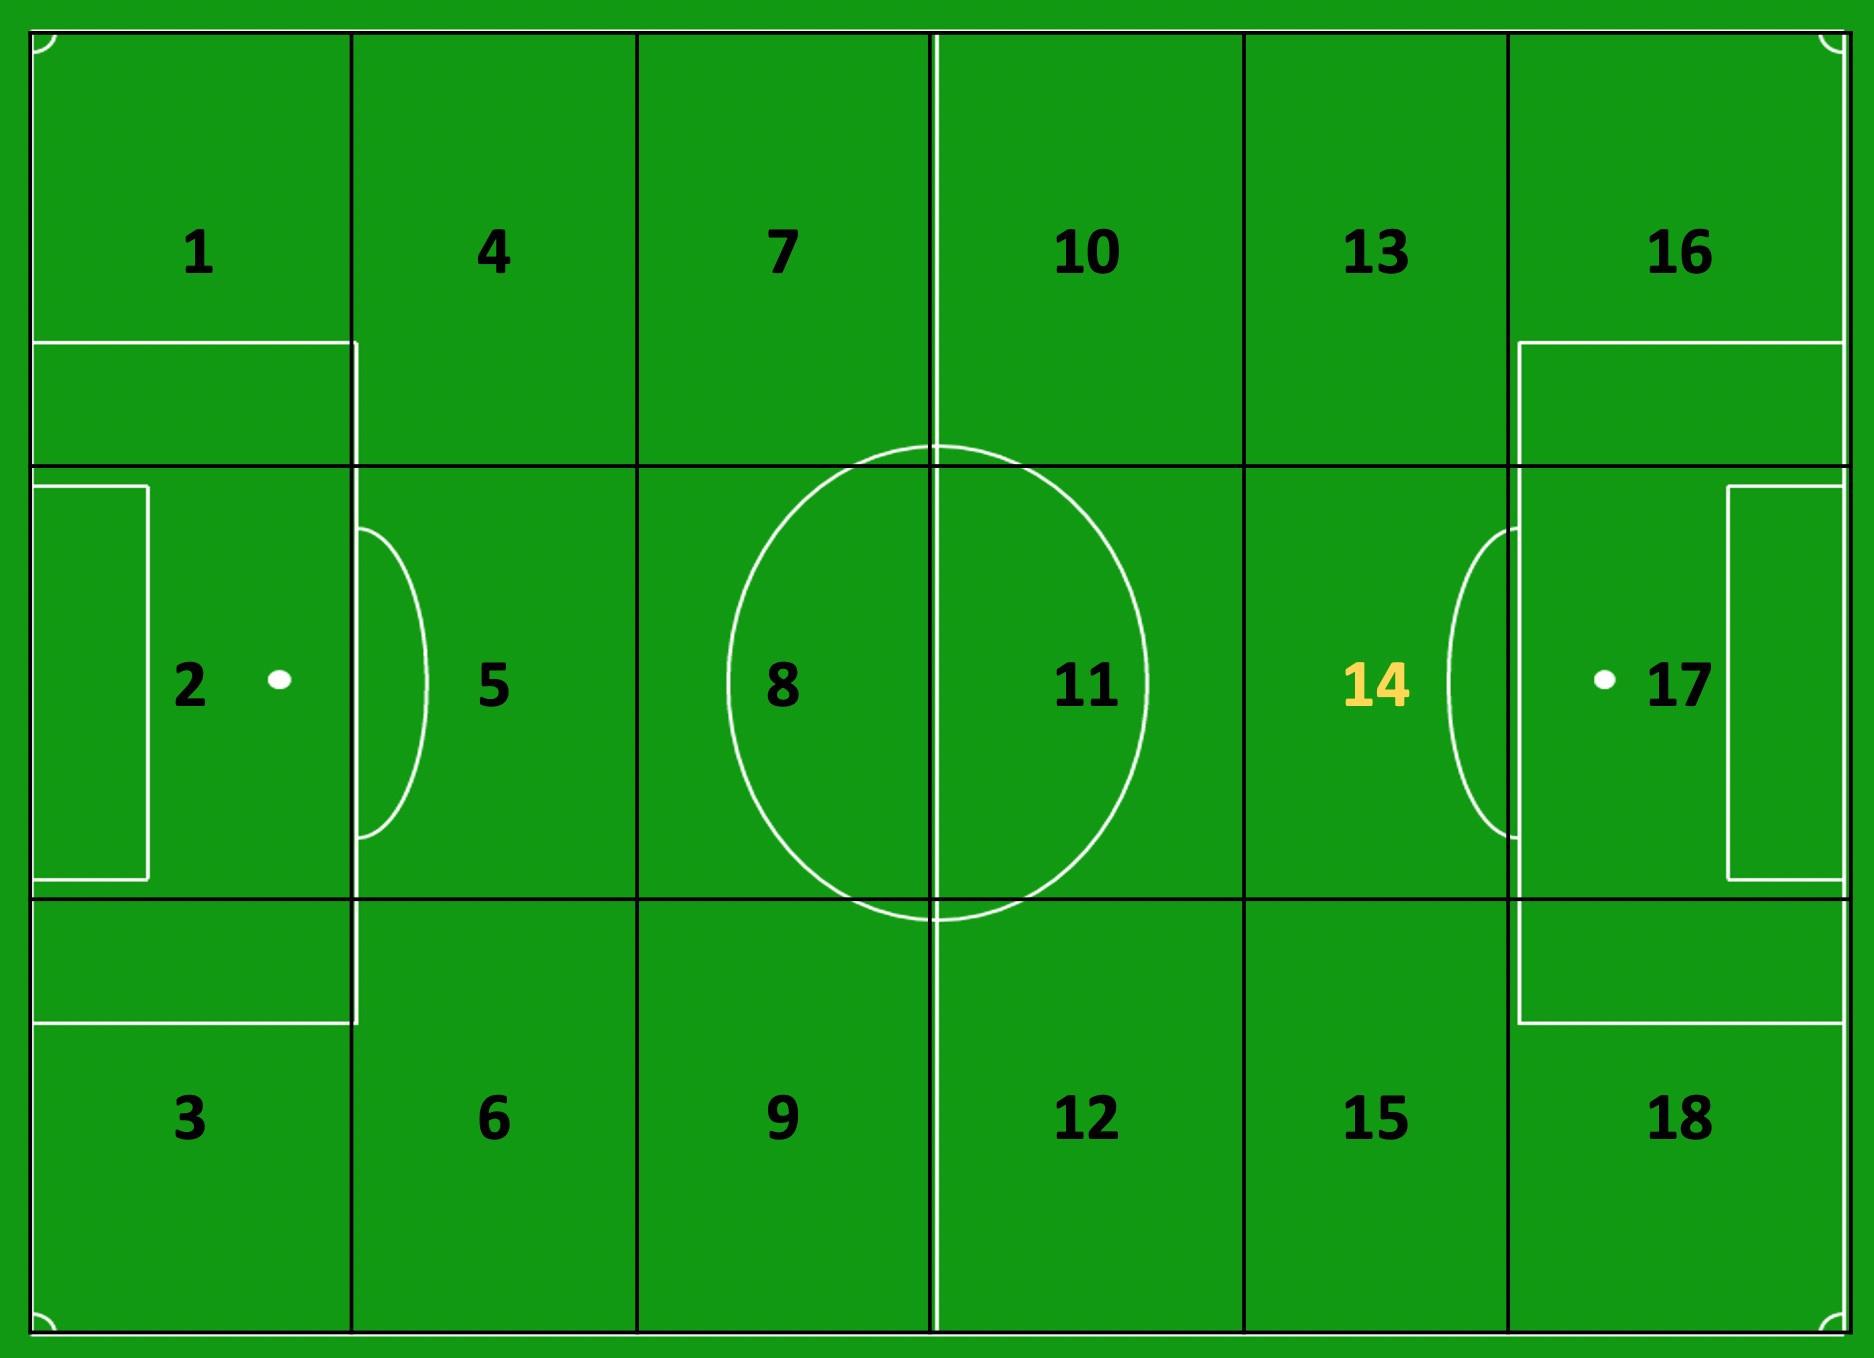 Een voetbalveld onderverdeeld in 18 zones, met de 'gouden zone' 14., Redactie